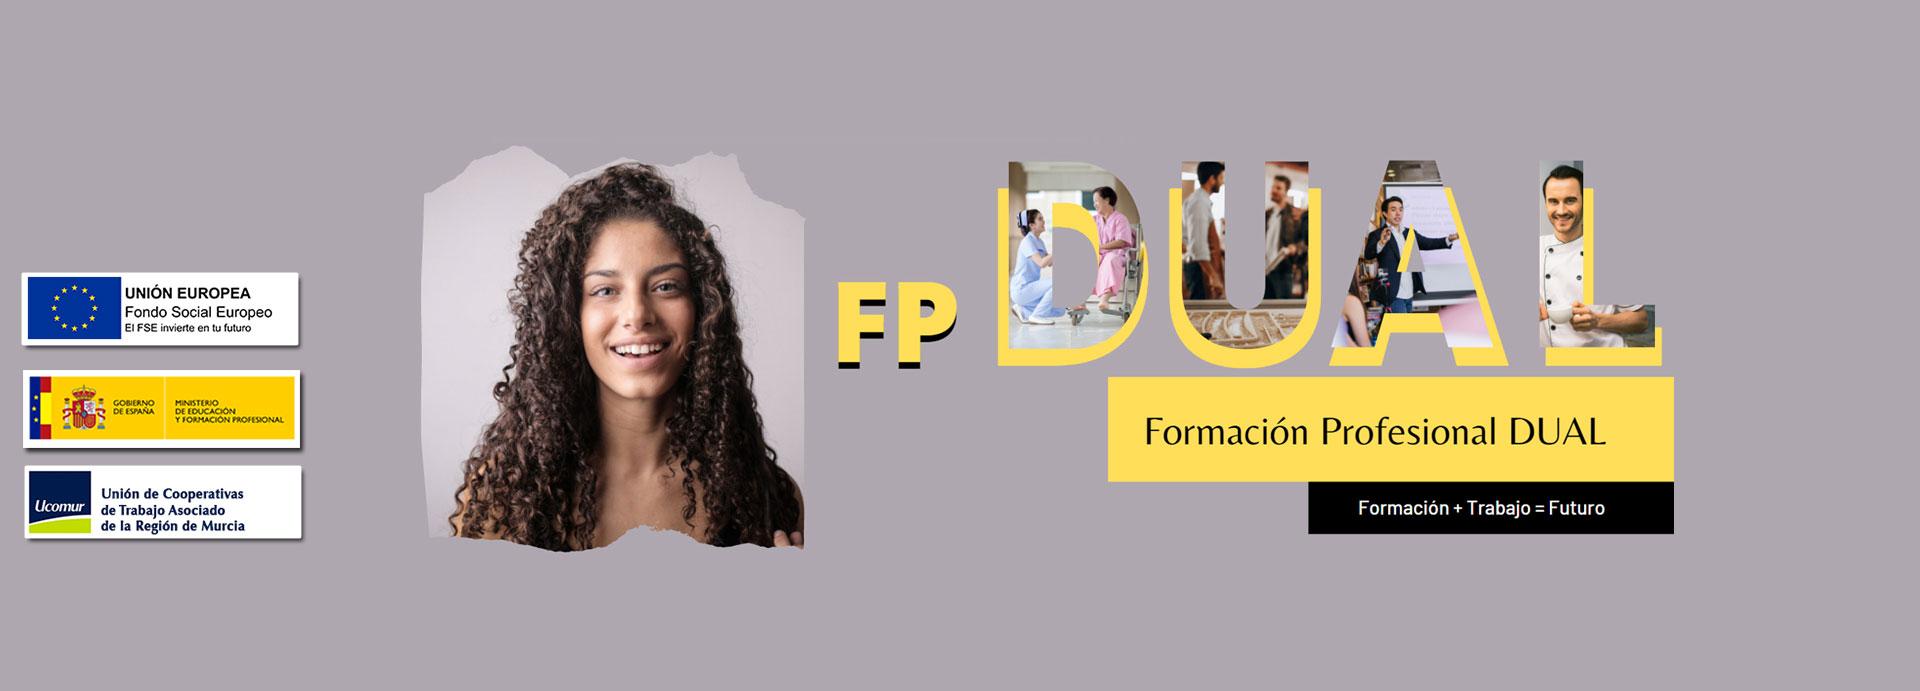 FP Dual - Ucomur apuesta por la formación profesional dual